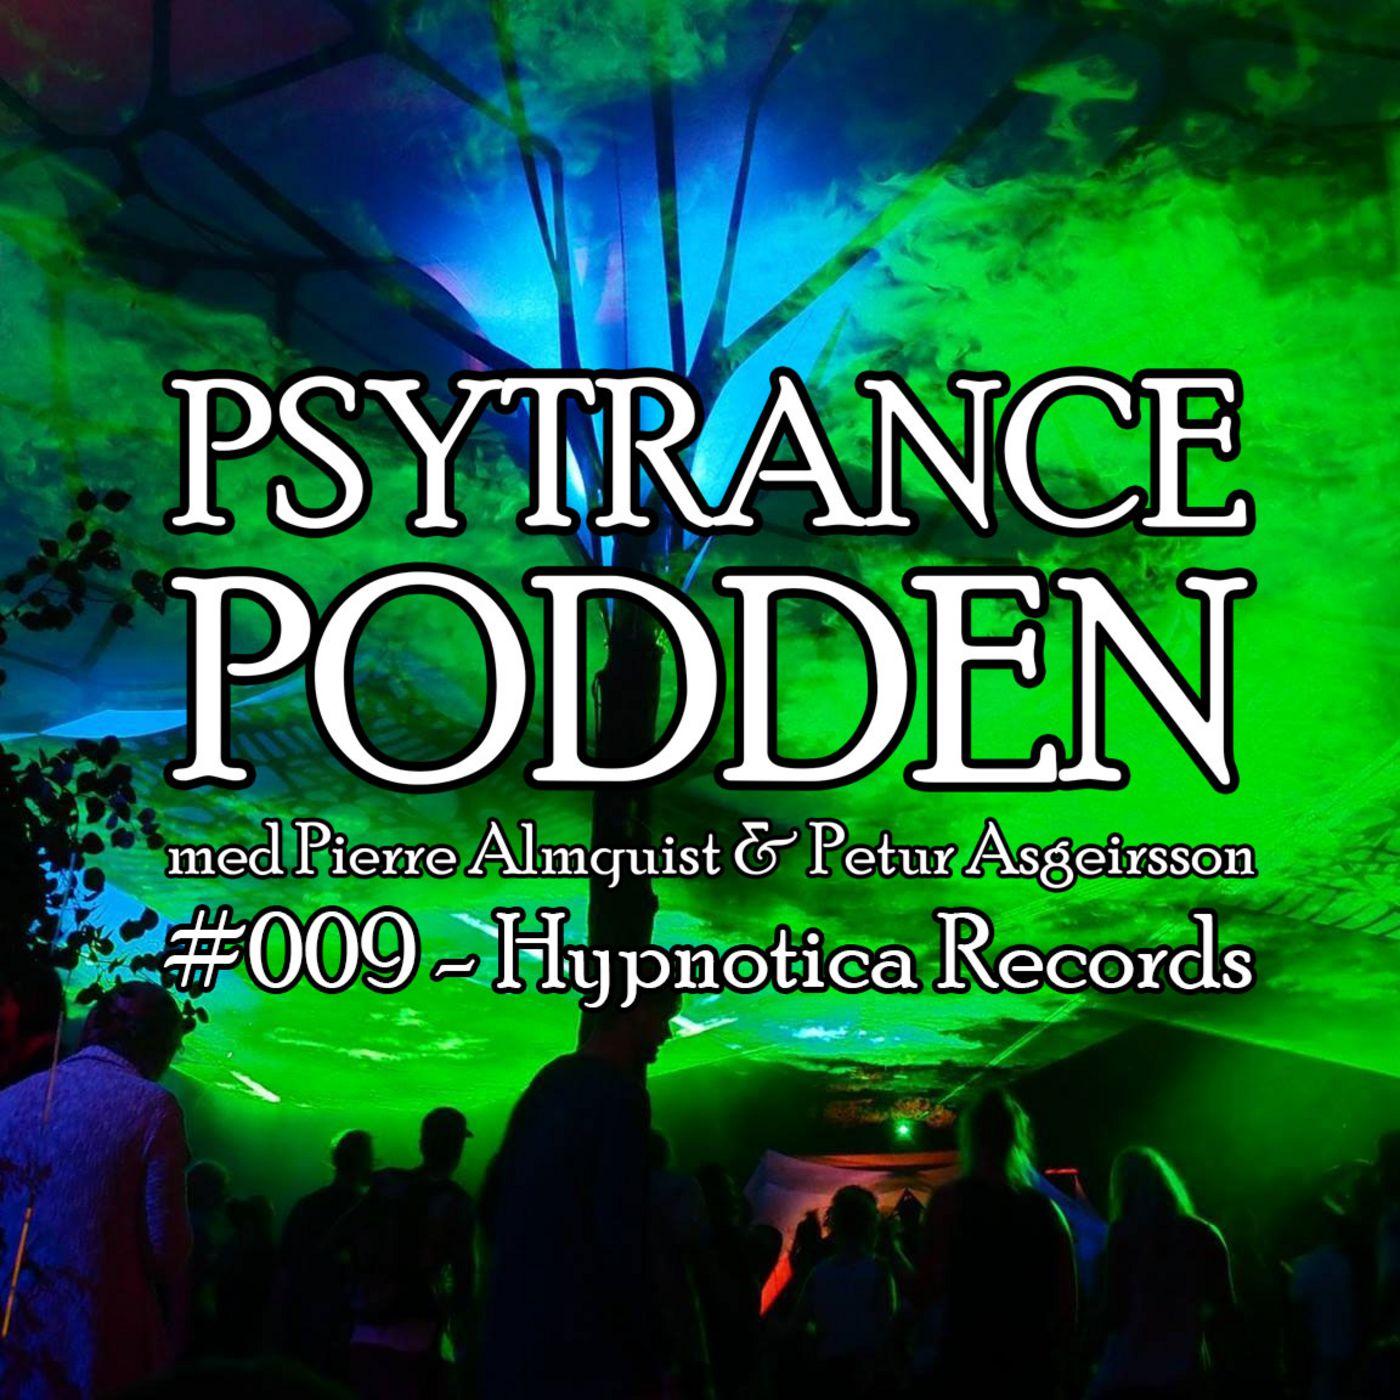 #009 - Hypnotica Records